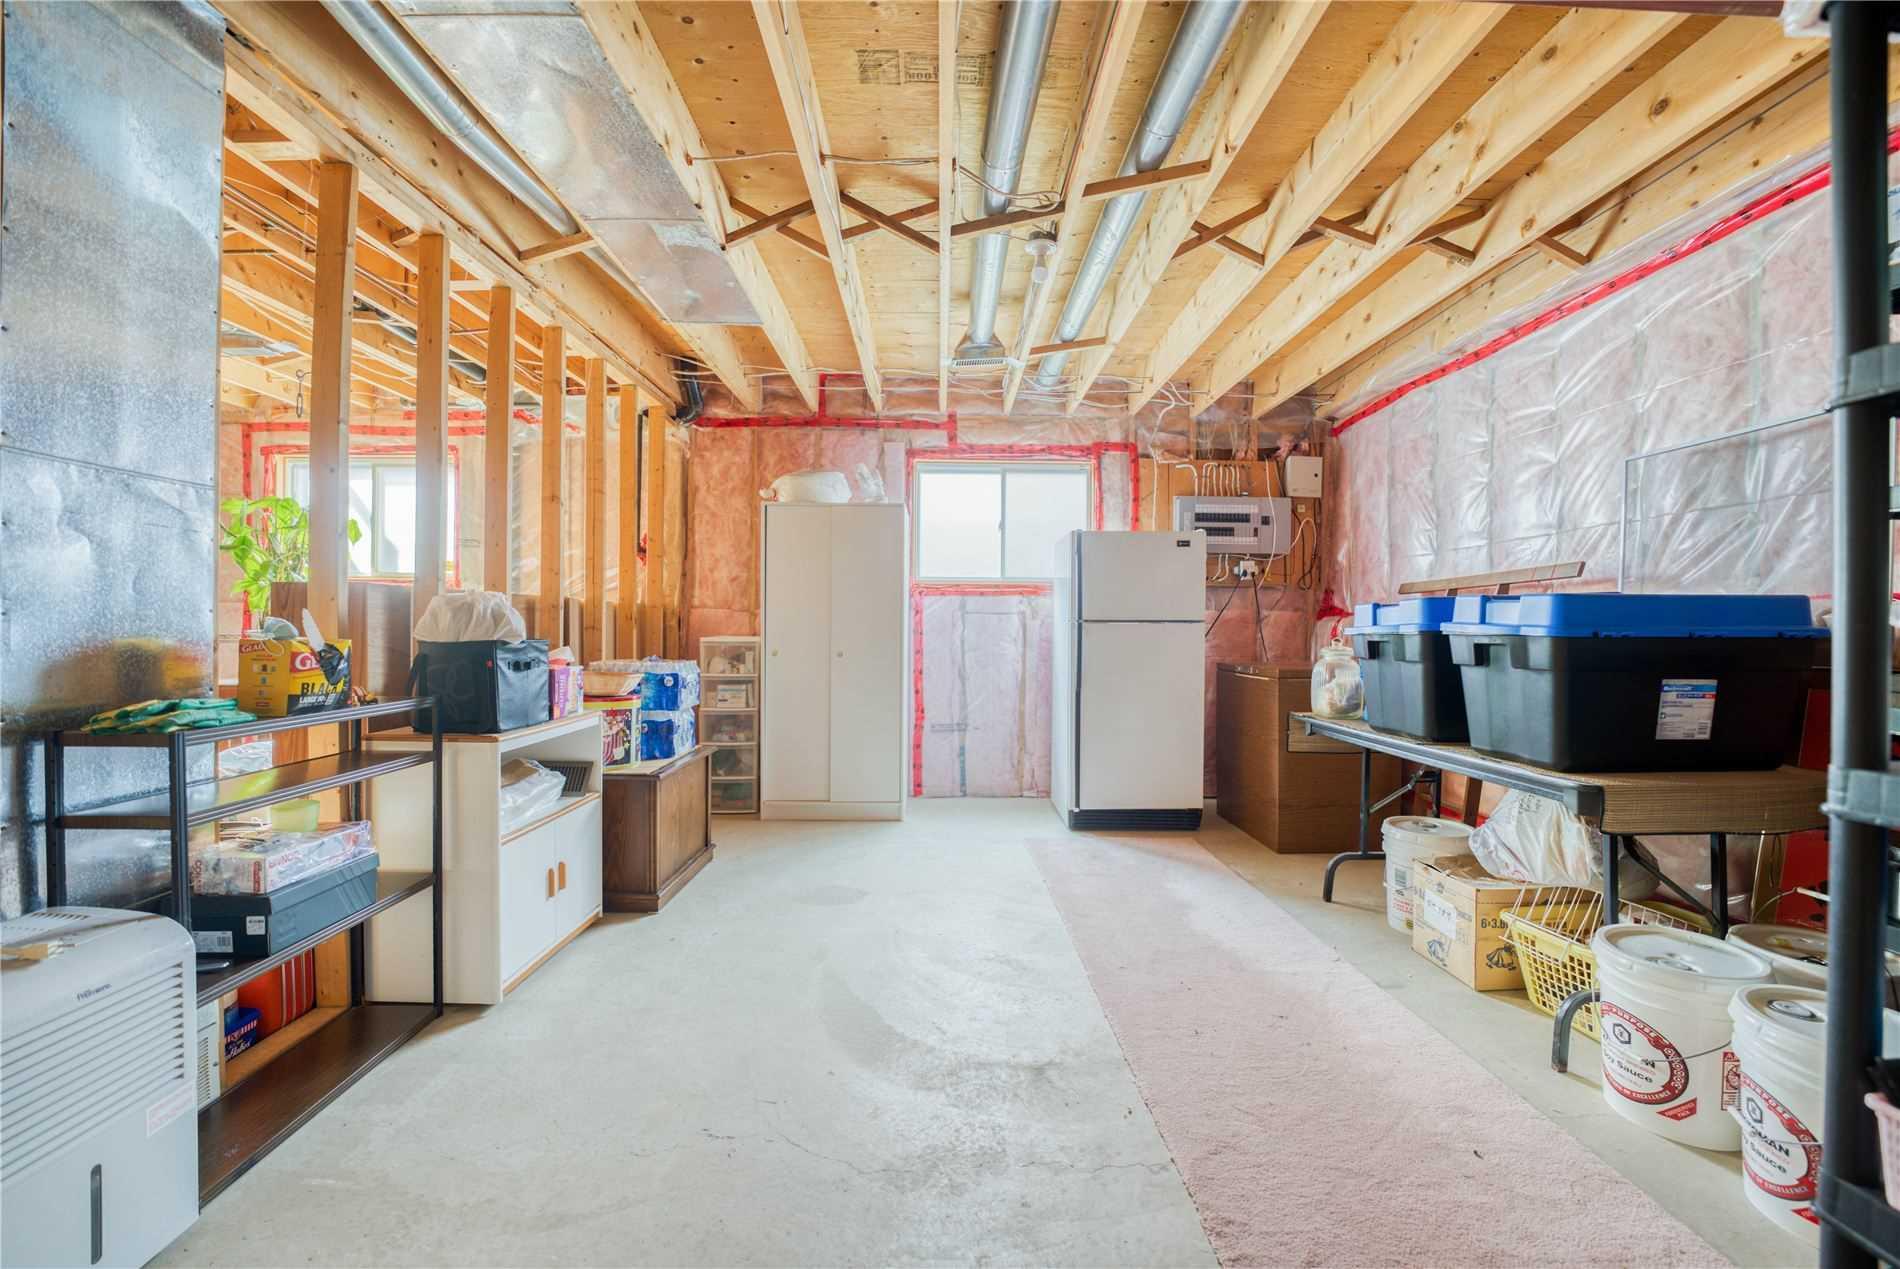 2492 Northwood St, Windsor, Ontario N9E 4N7, 3 Bedrooms Bedrooms, 7 Rooms Rooms,3 BathroomsBathrooms,Detached,For Sale,Northwood,X5351907